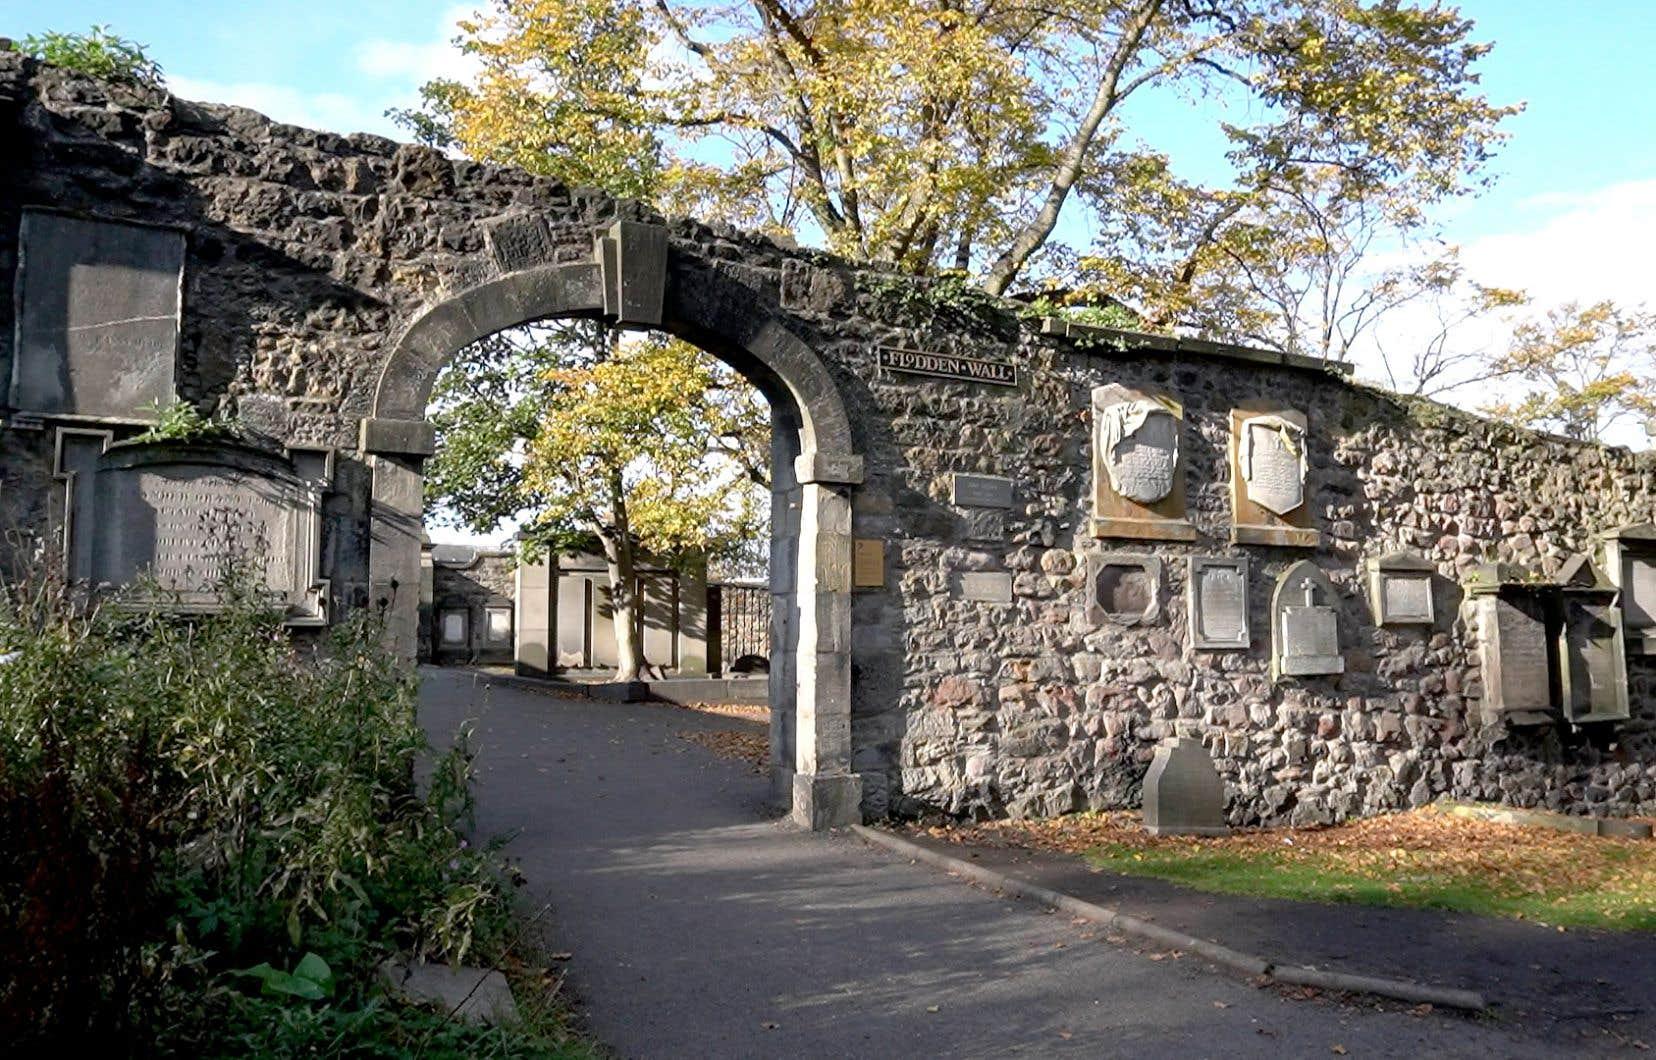 Le célèbre cimetière de Greyfriars, qui serait l'un des plus hantés au monde